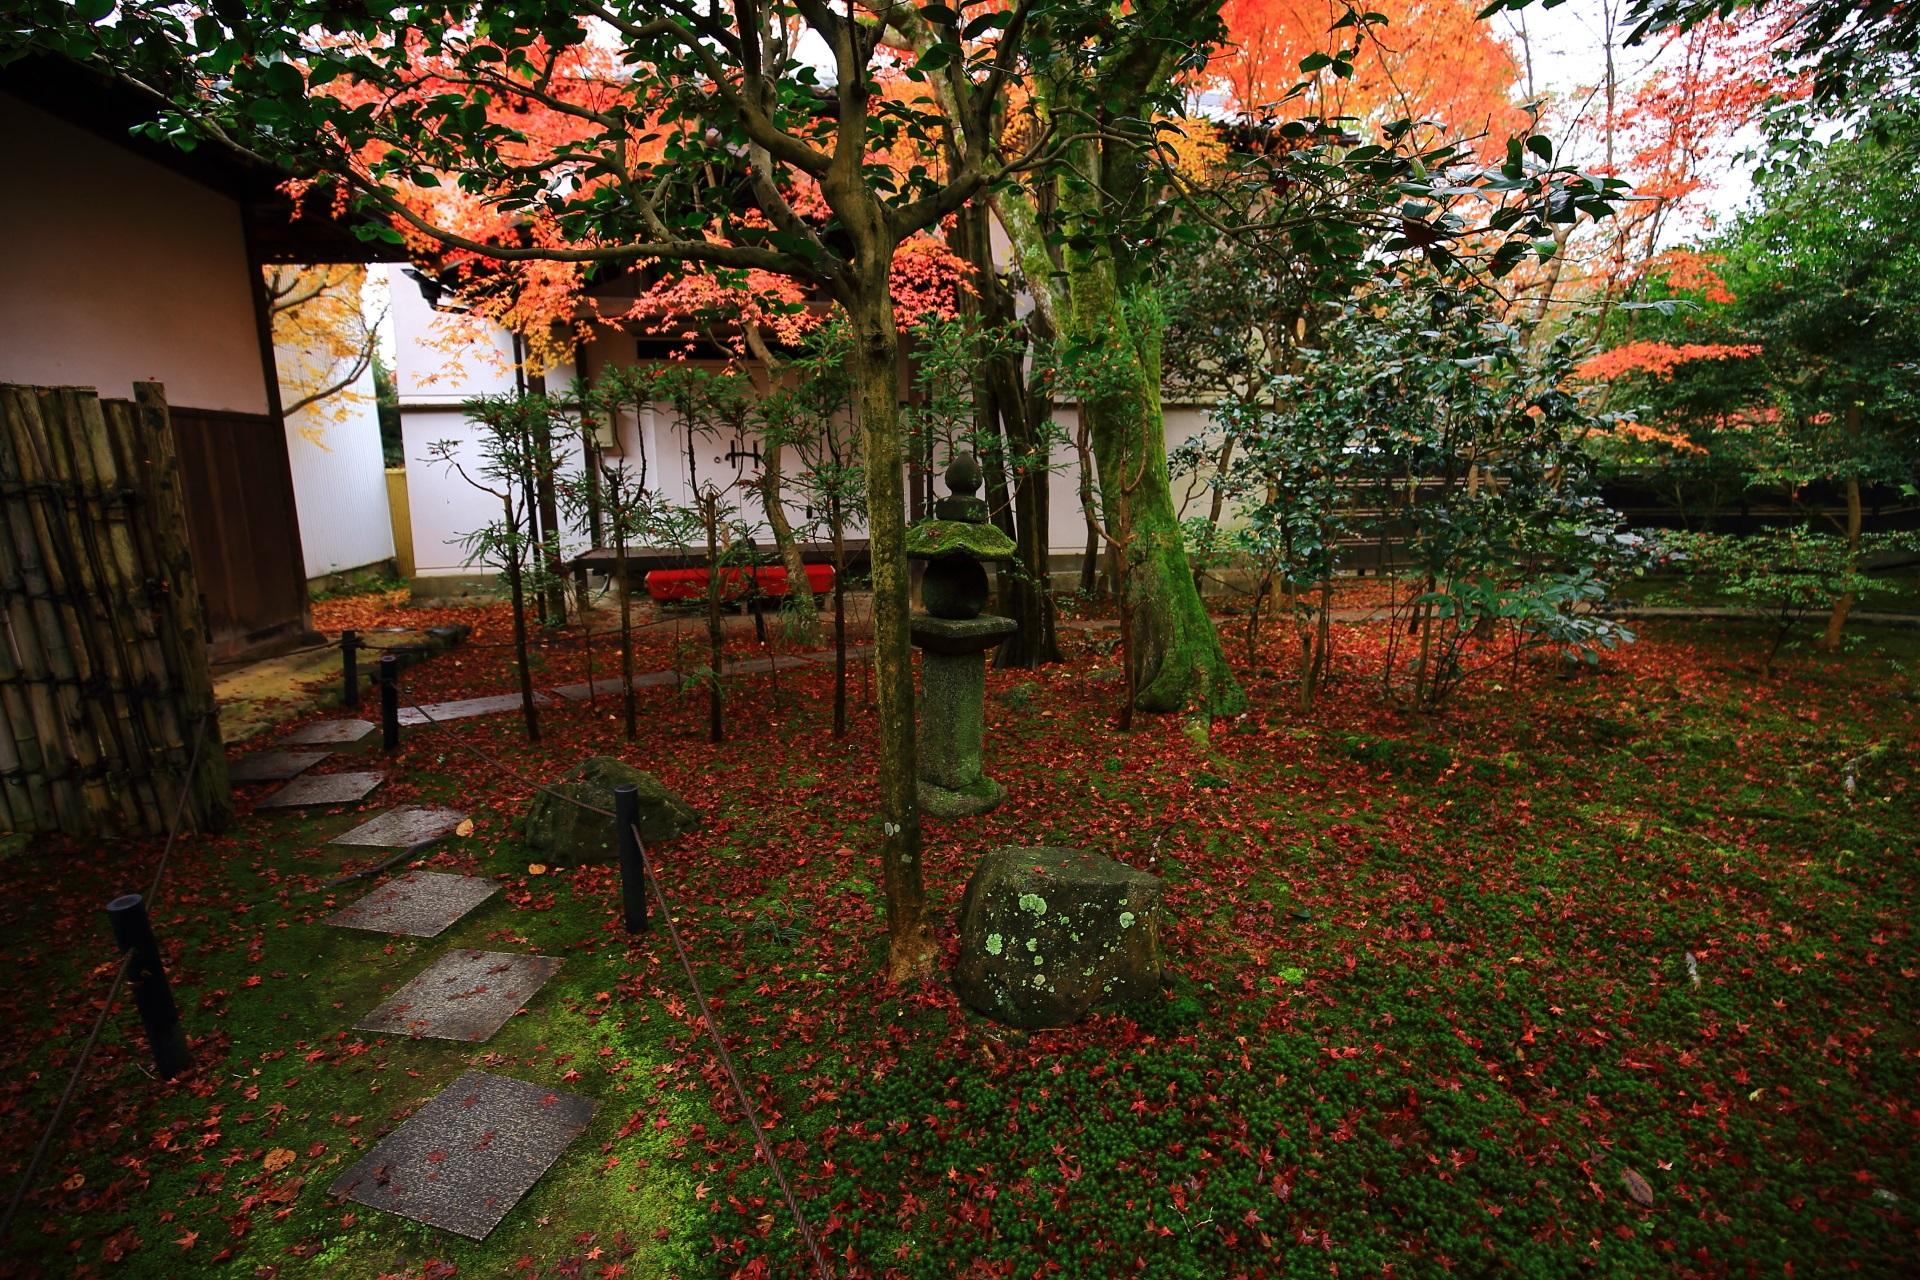 霊鑑寺の境内西側の土蔵付近の紅葉や散りもみじ